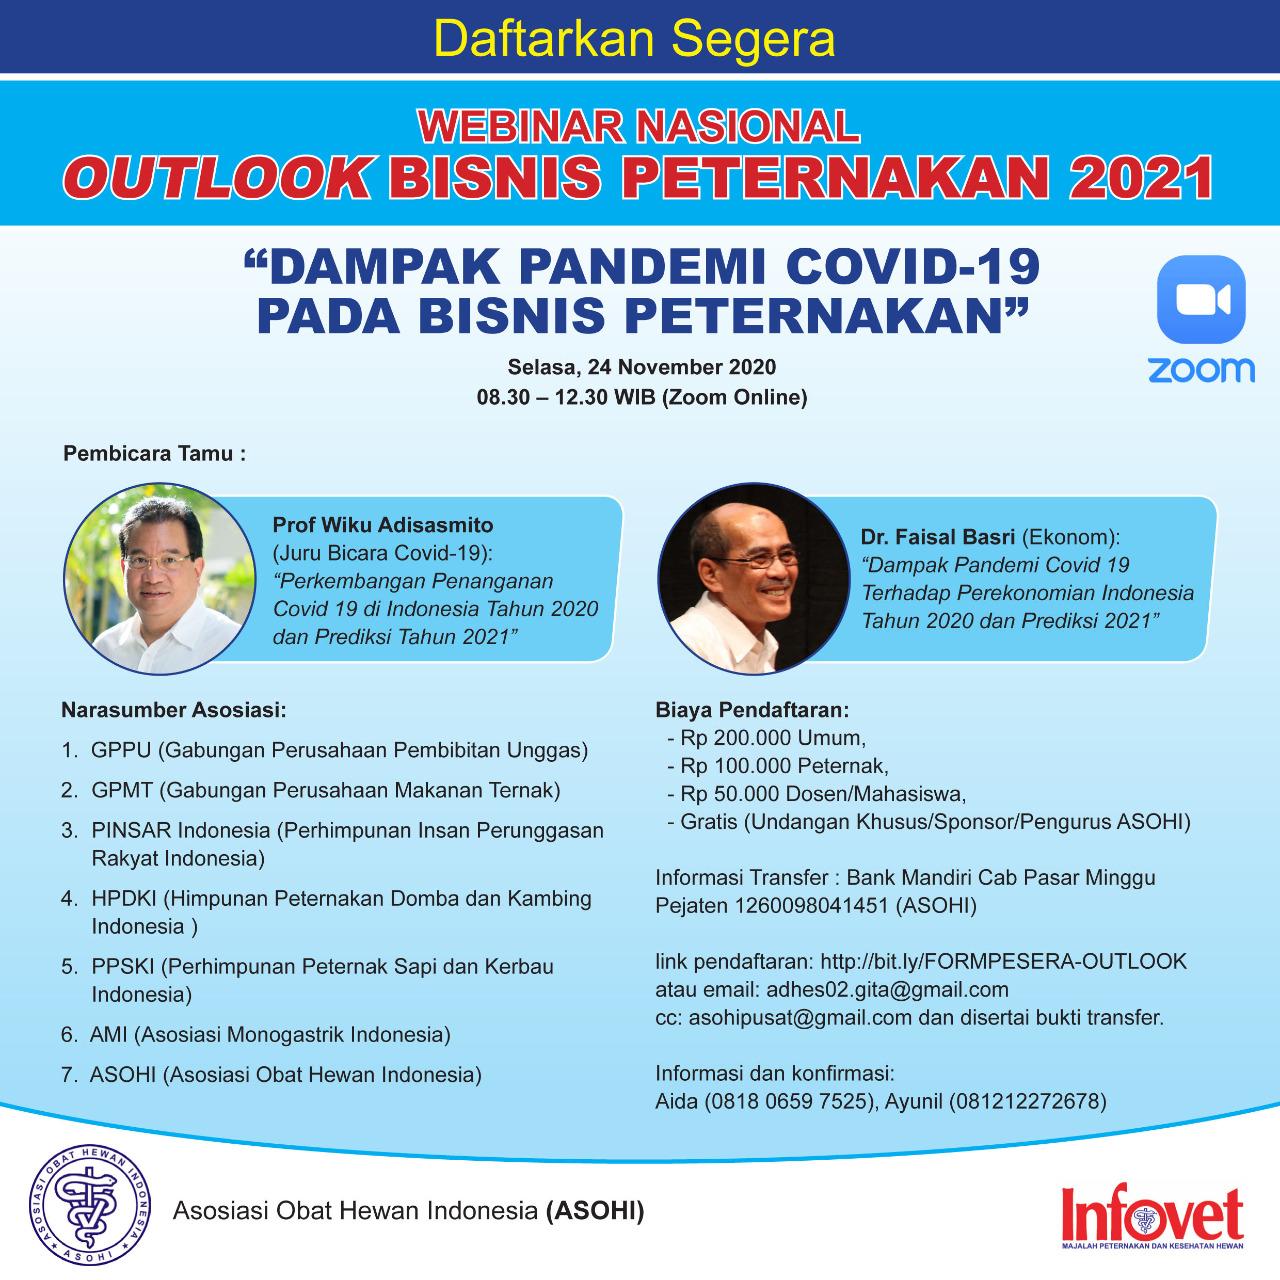 """Webinar Outlook Bisnis Peternakan""""Dampak Pandemi Covid-19 pada Bisnis Peternakan"""""""